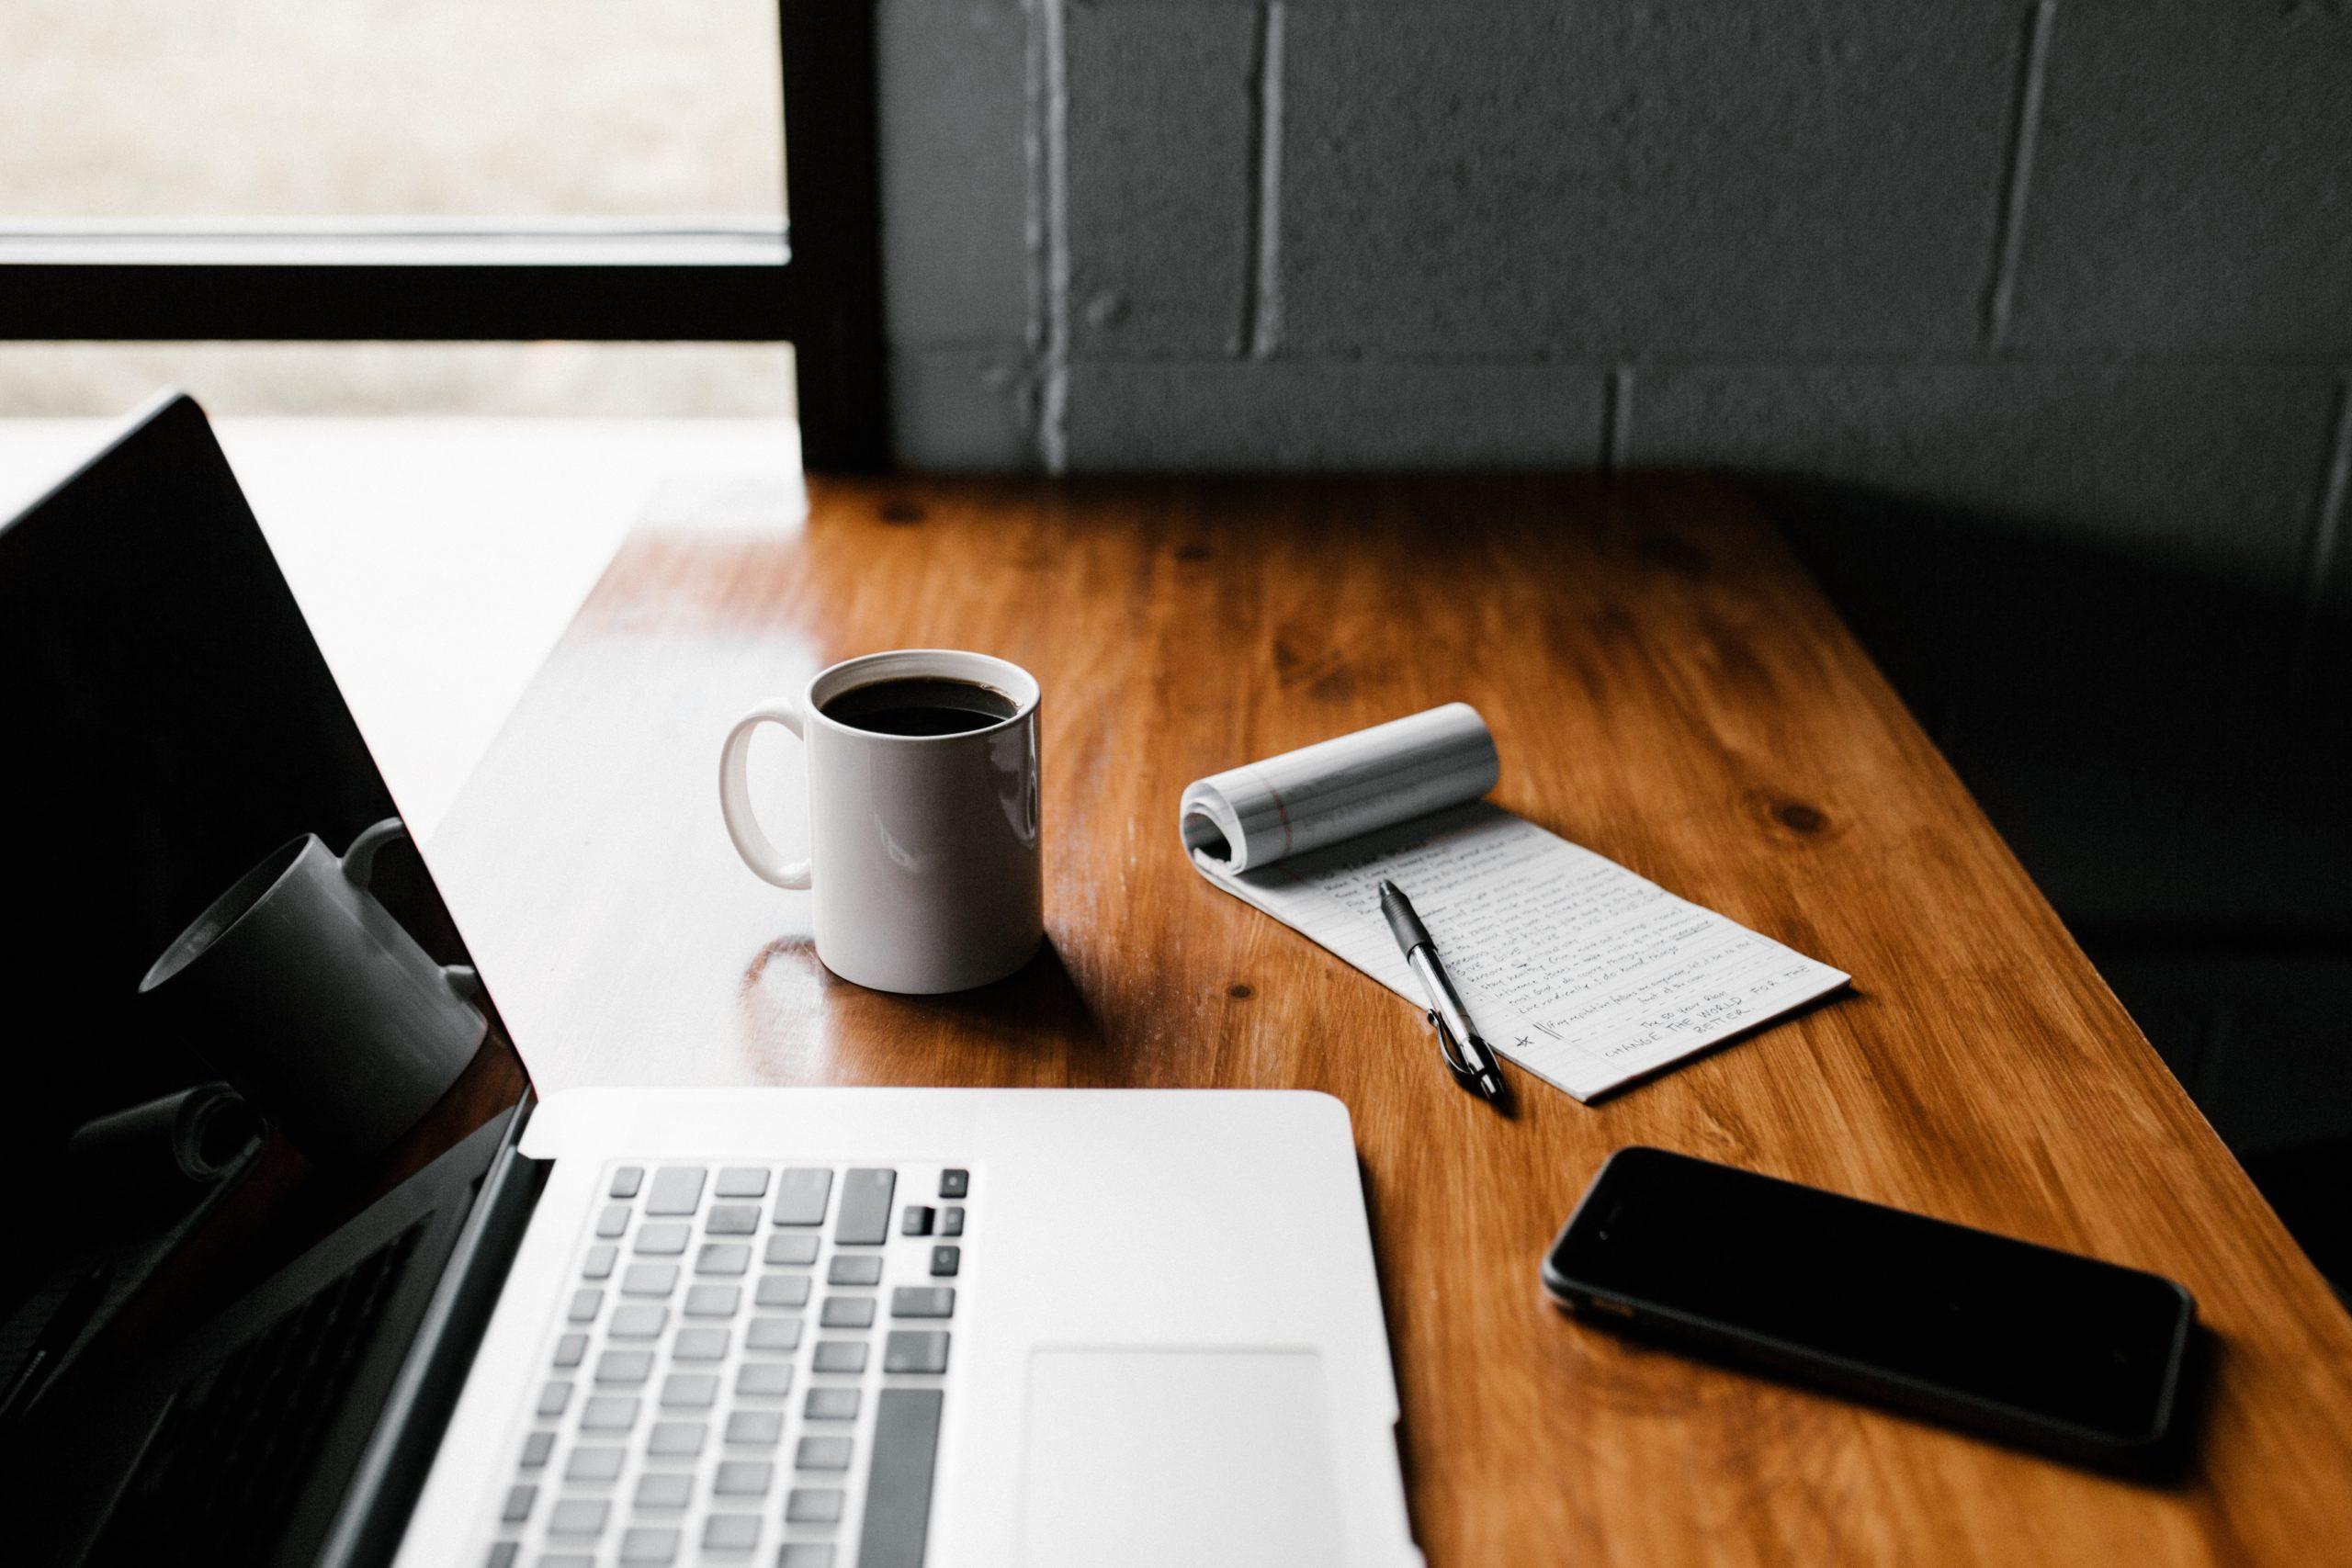 ブログとプログラミング